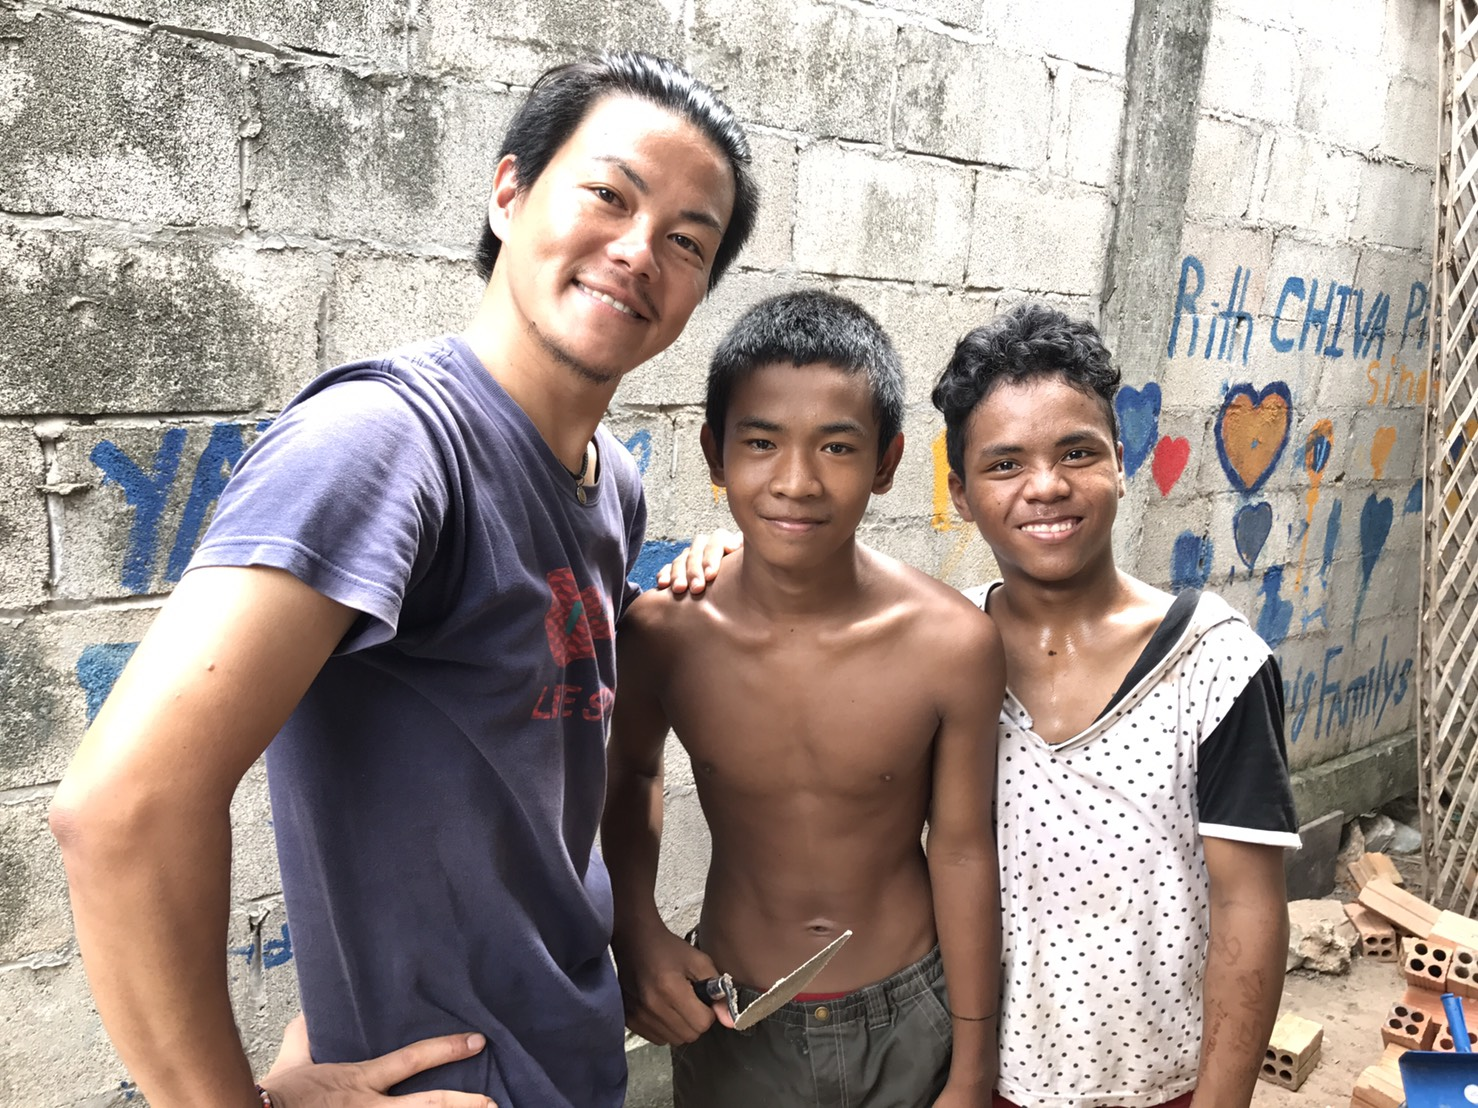 「カンボジアの子ども達の笑顔が見たい」とか「子ども達の選択肢を増やしたい」とかもういいよ